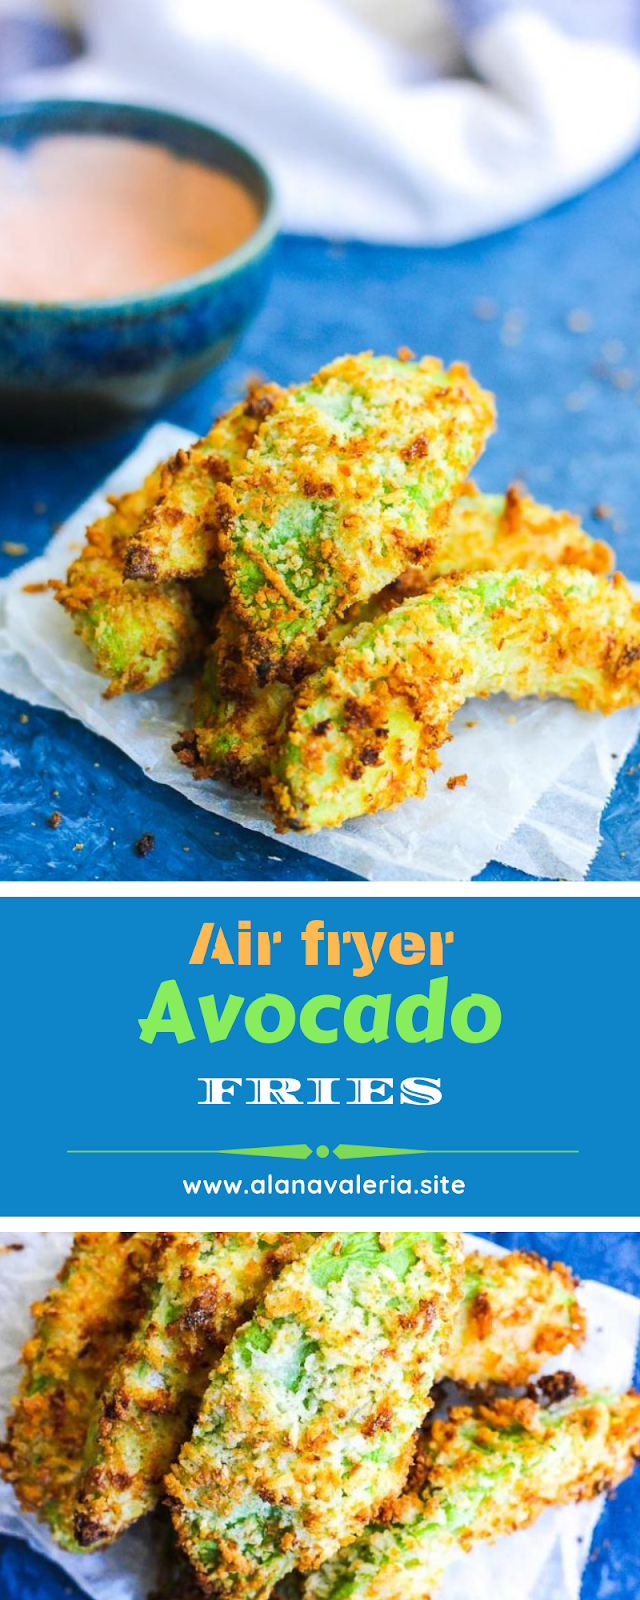 Air fryer Avocado fries Avocado fries, Easy cooking